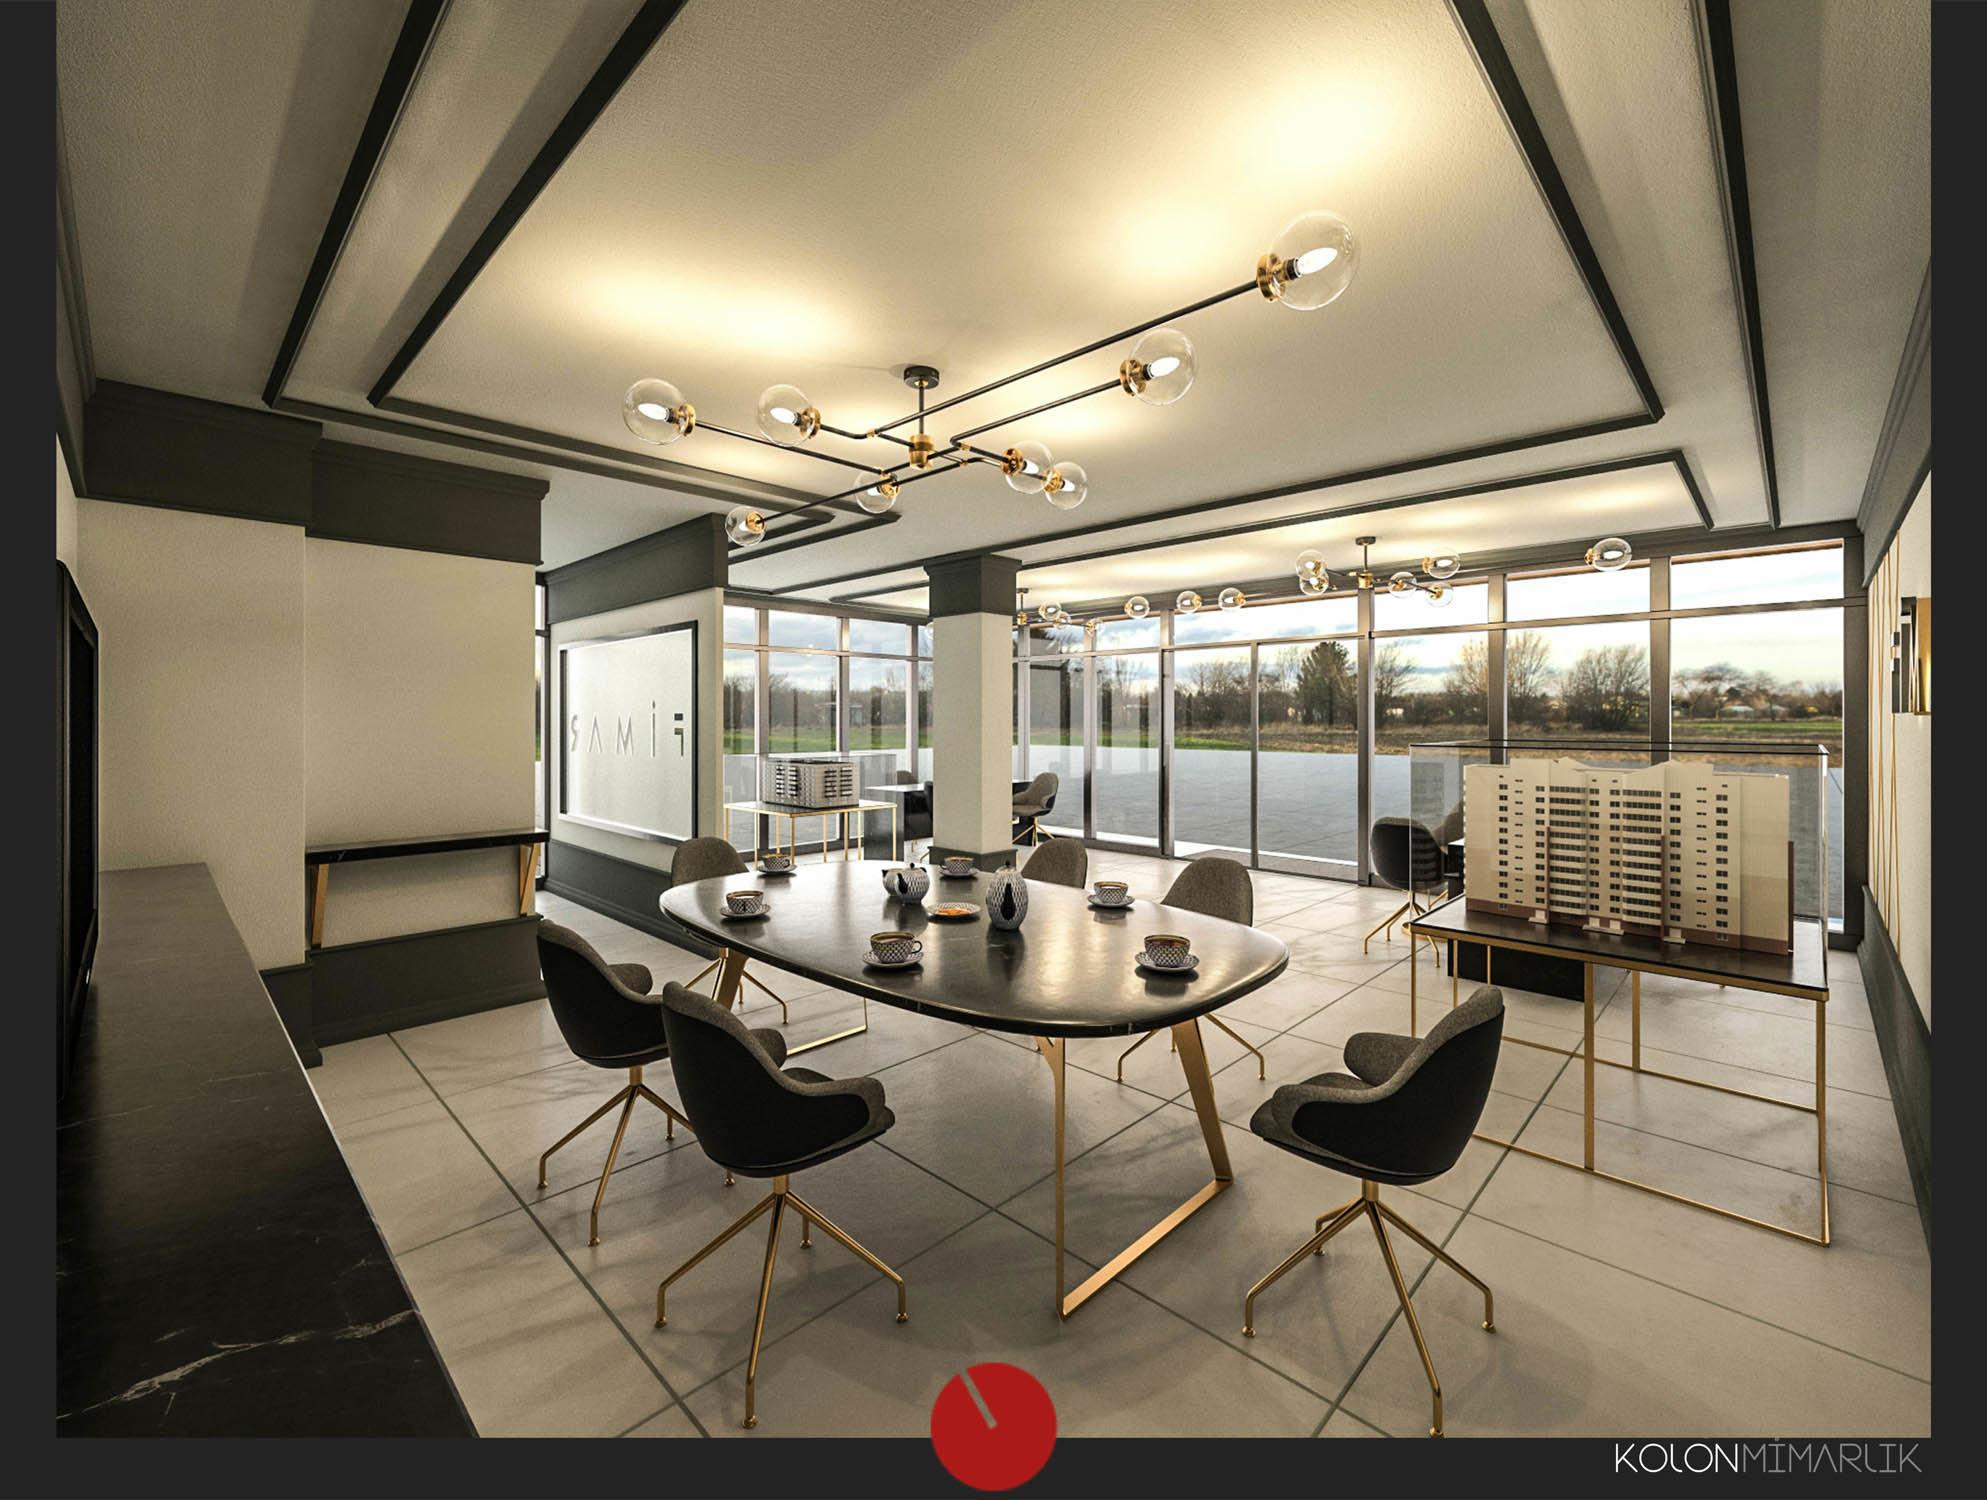 kolon,kolon mimarlık,kolon içmimarlık,tasarım,proje,uygulama,cephe tasarımı,interior design,satış ofisi tasarımı